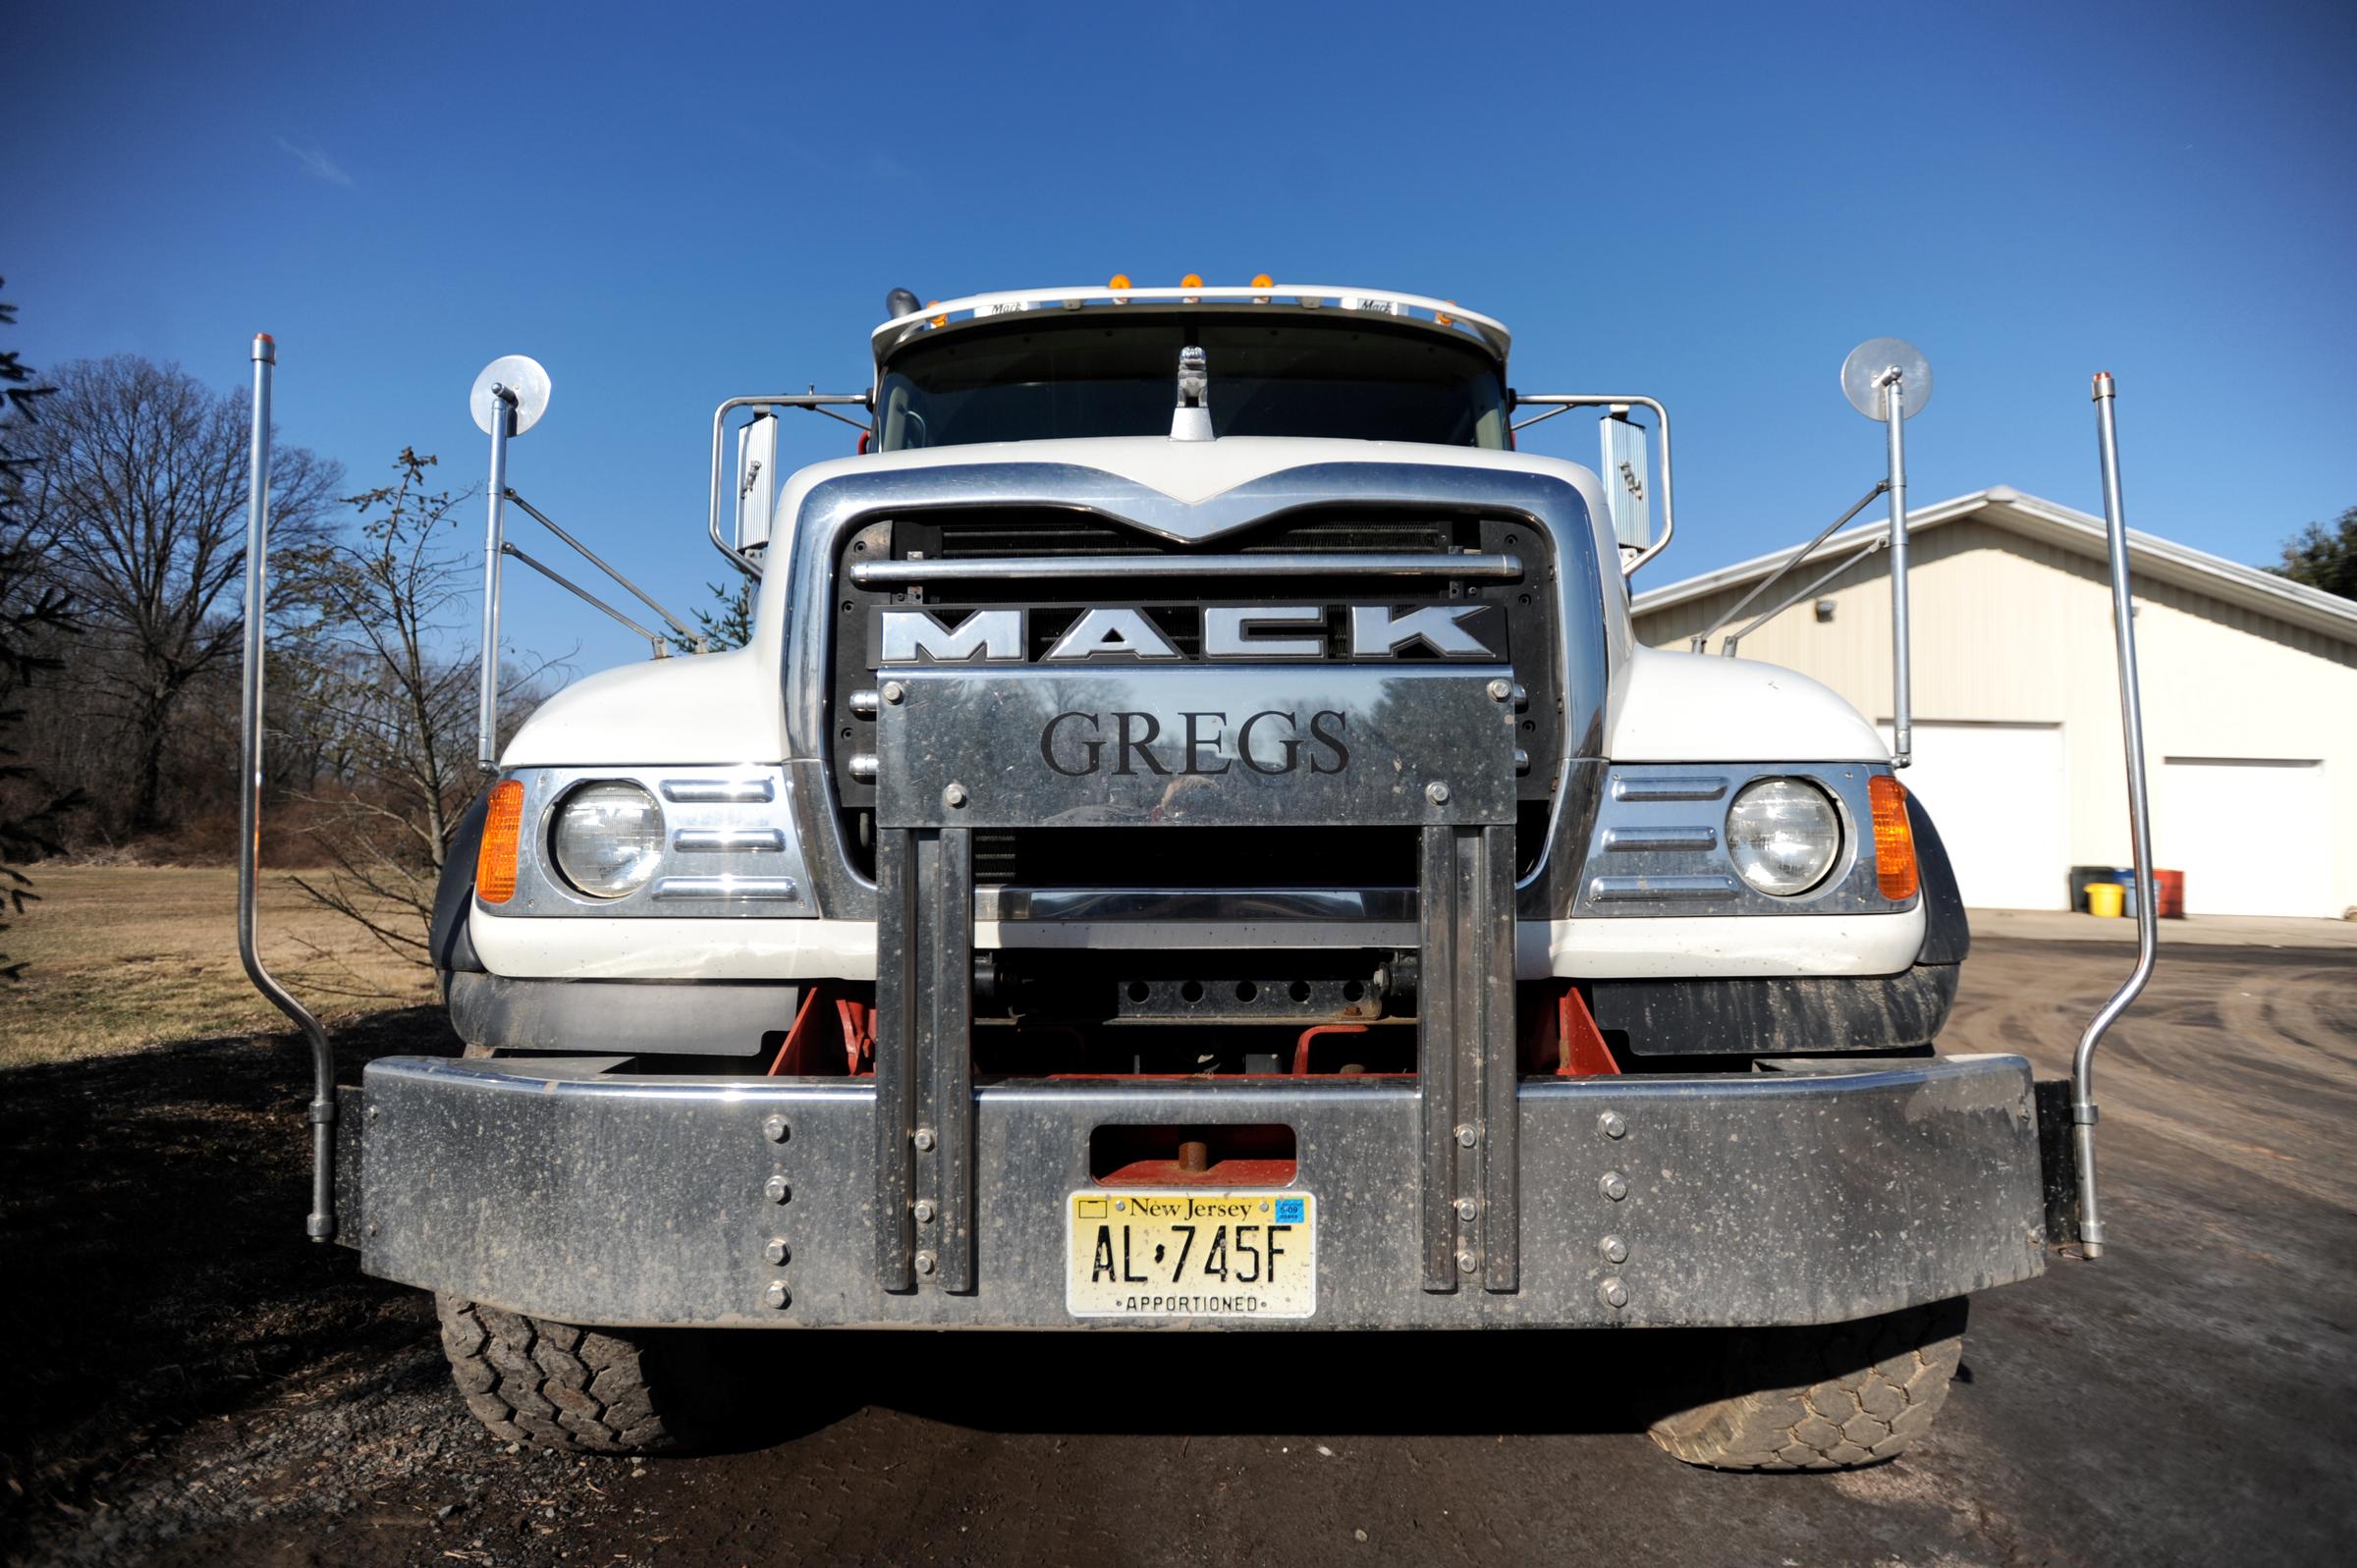 Mack Truck workers begin strike